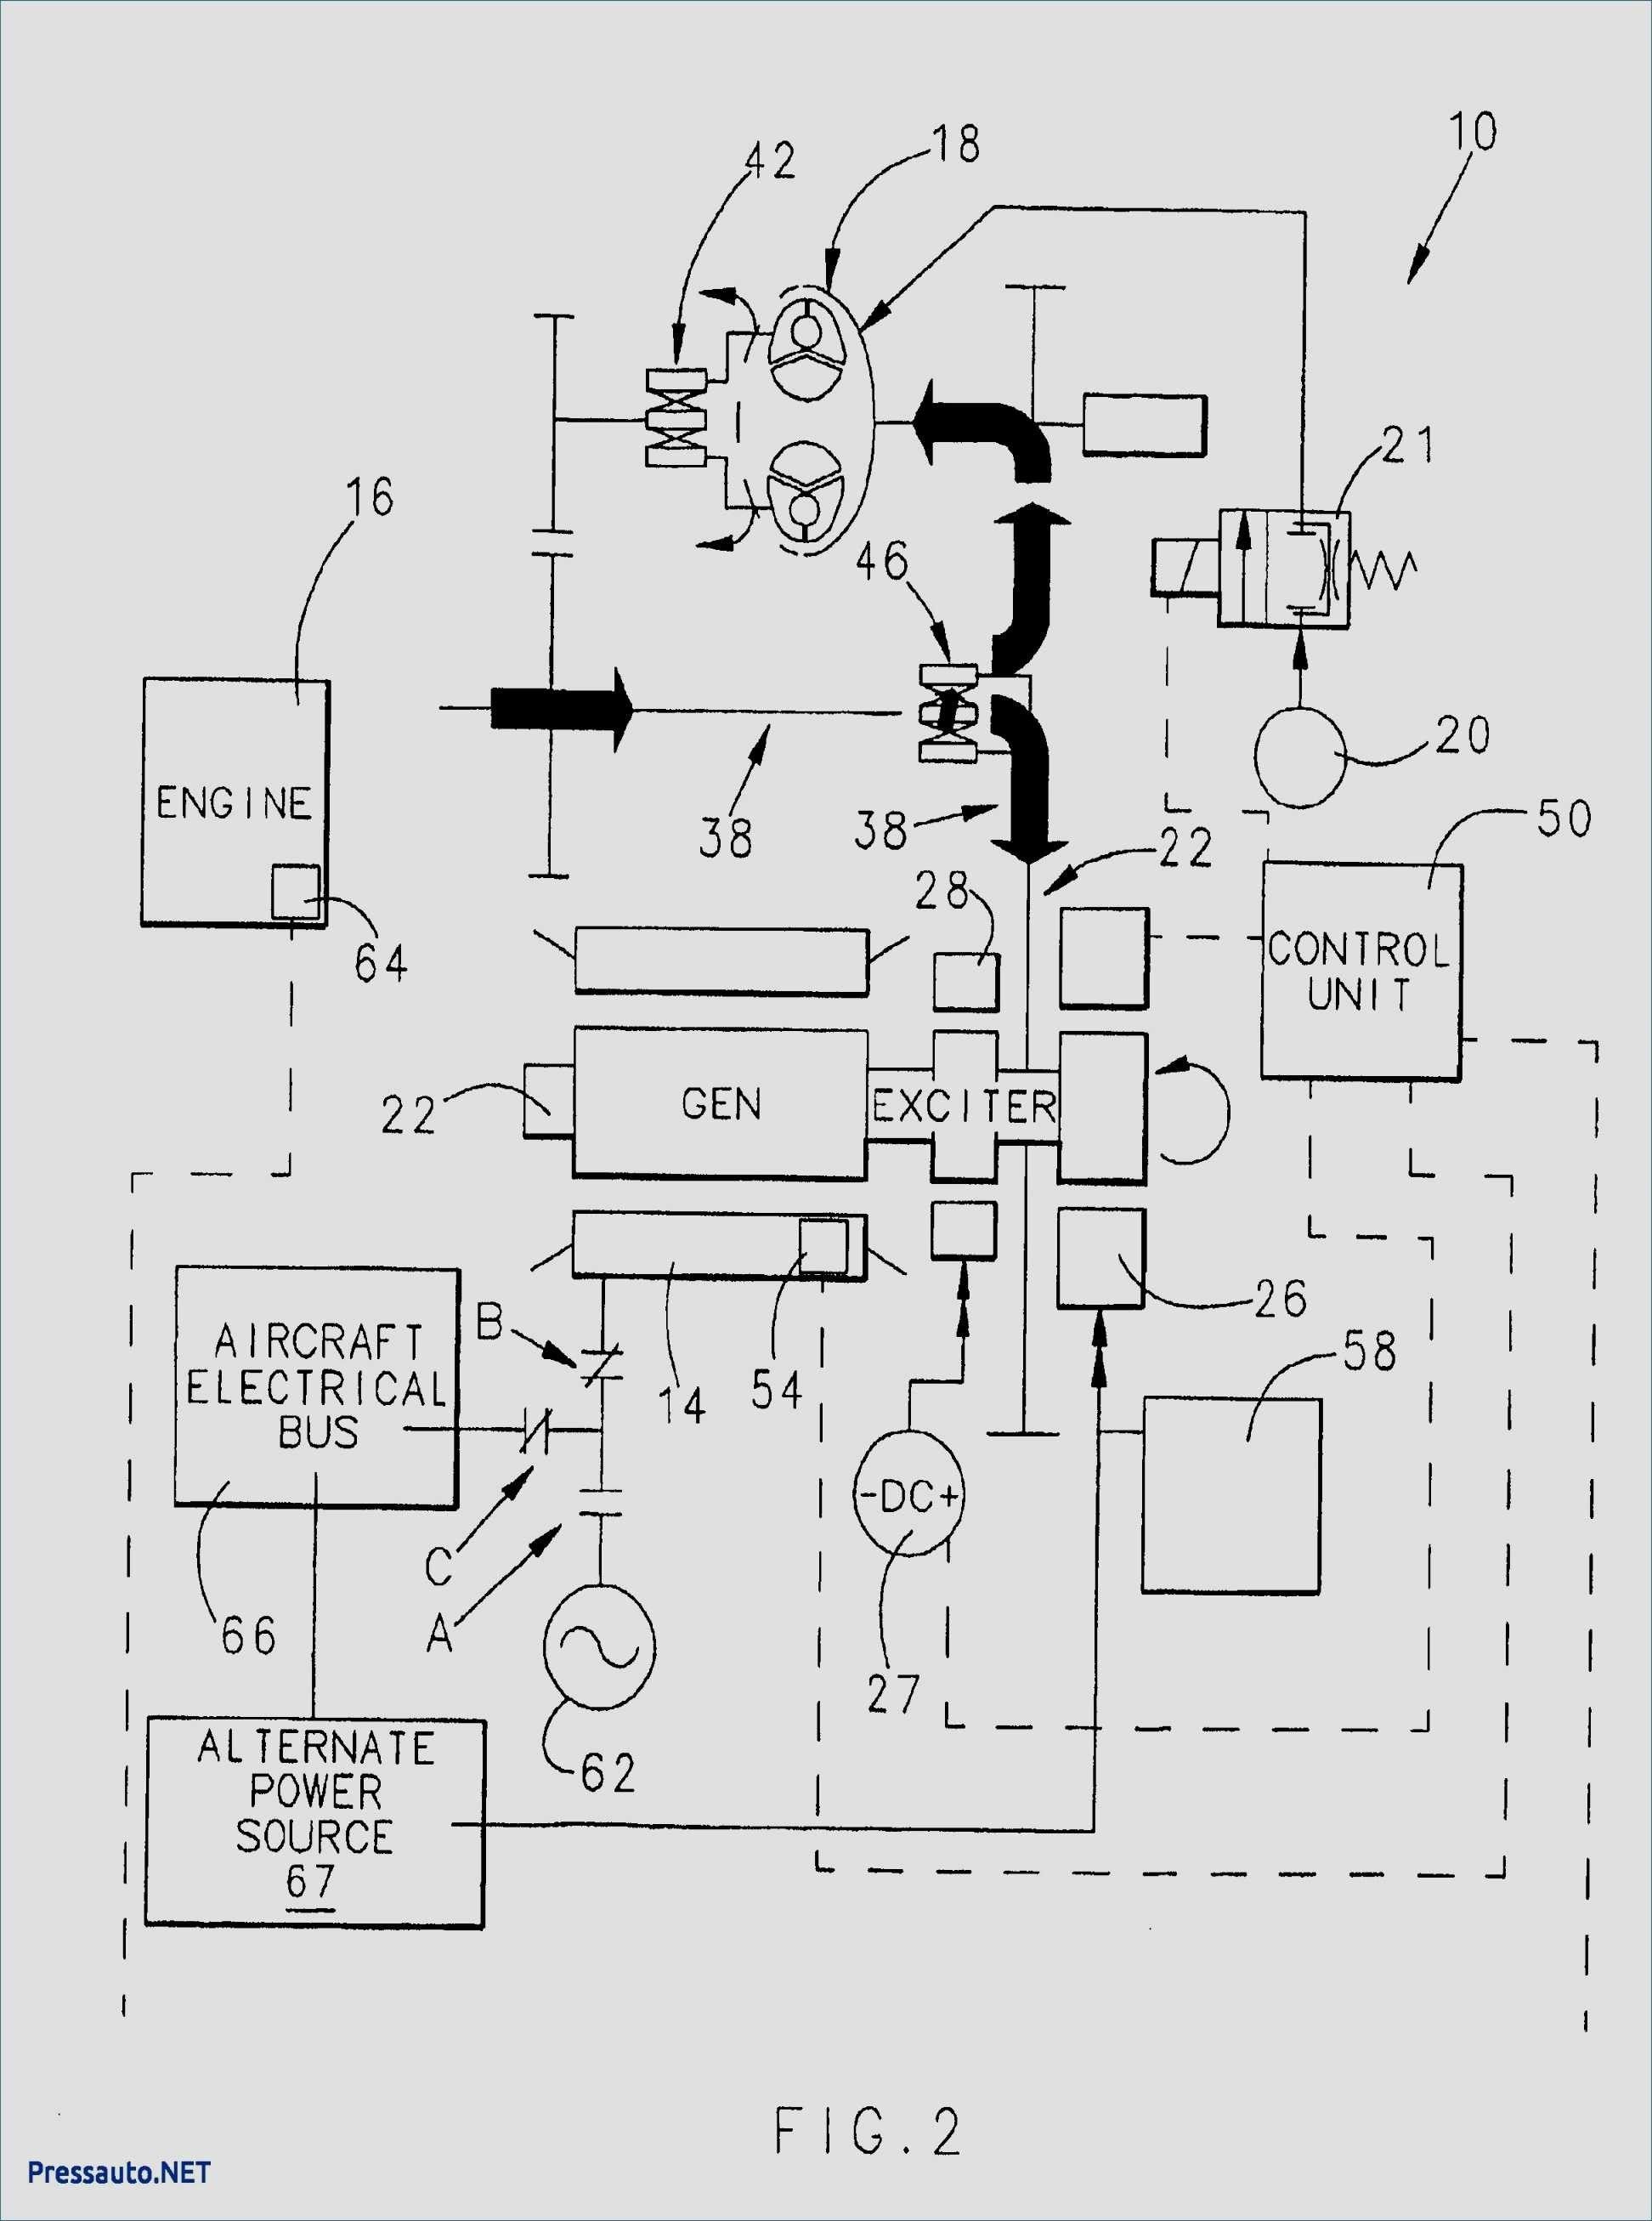 Unique Wiring Diagram Starter Generator Diagram Diagramtemplate Diagramsample Montero Sport Honda Crv